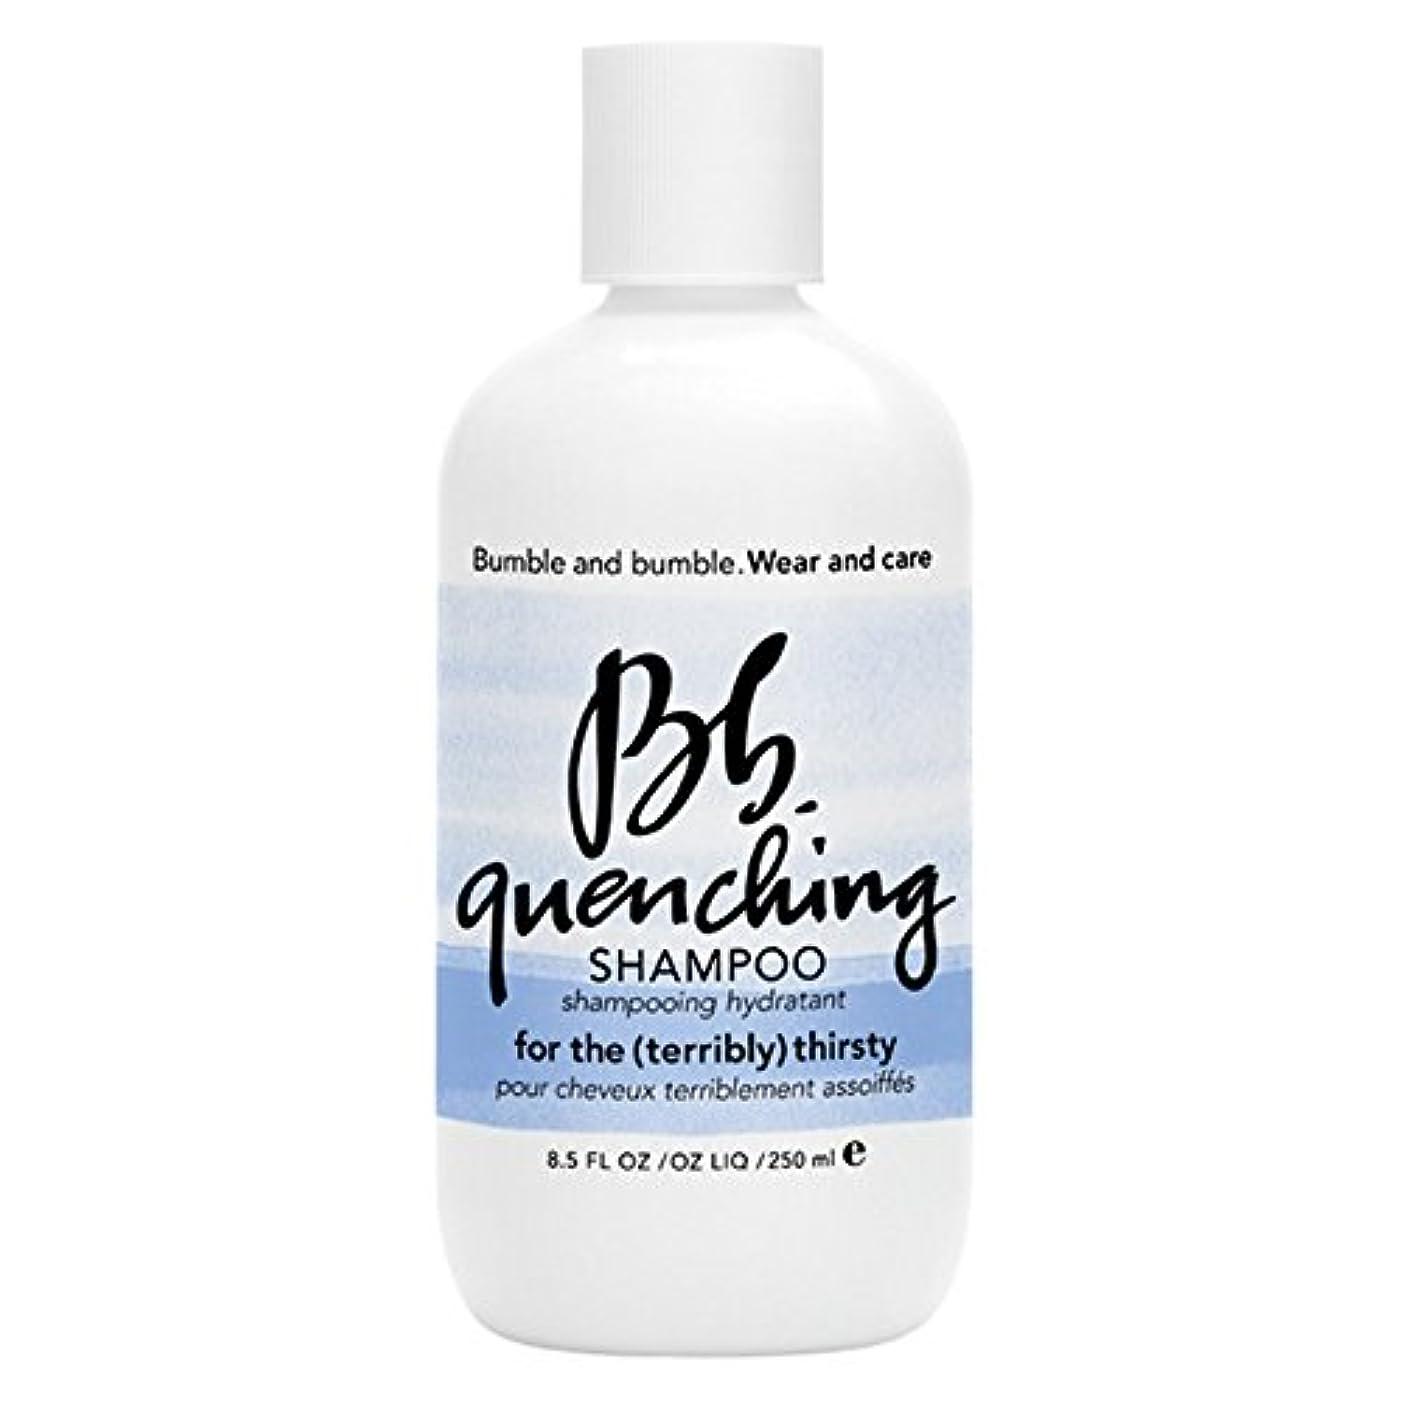 どう?インシュレータキモいバンブルアンドバンブル急冷シャンプー250ミリリットル (Bumble and bumble) (x6) - Bumble and bumble Quenching Shampoo 250ml (Pack of 6) [並行輸入品]